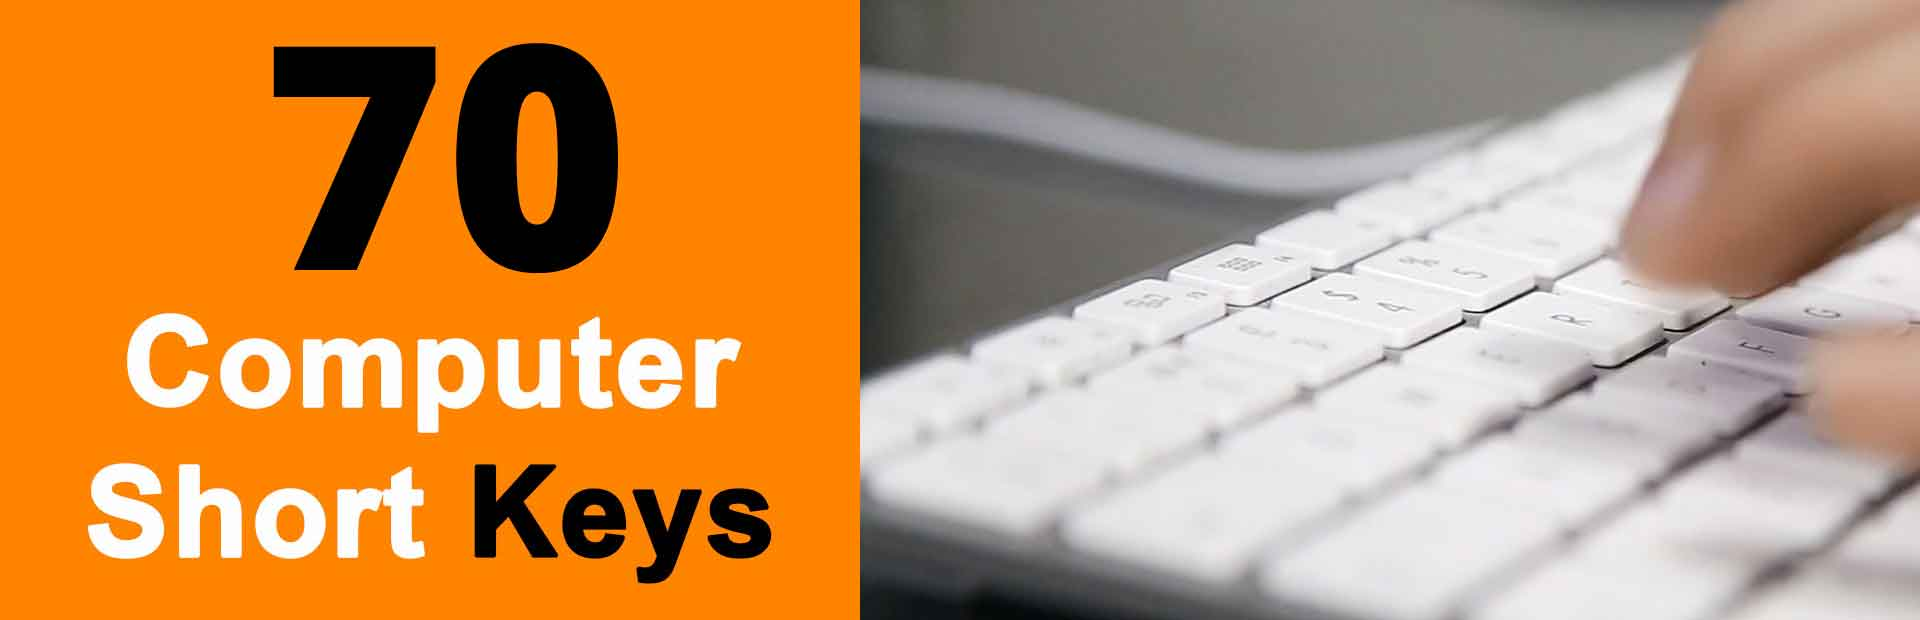 Computer Shortcut Keys Improve Productivity